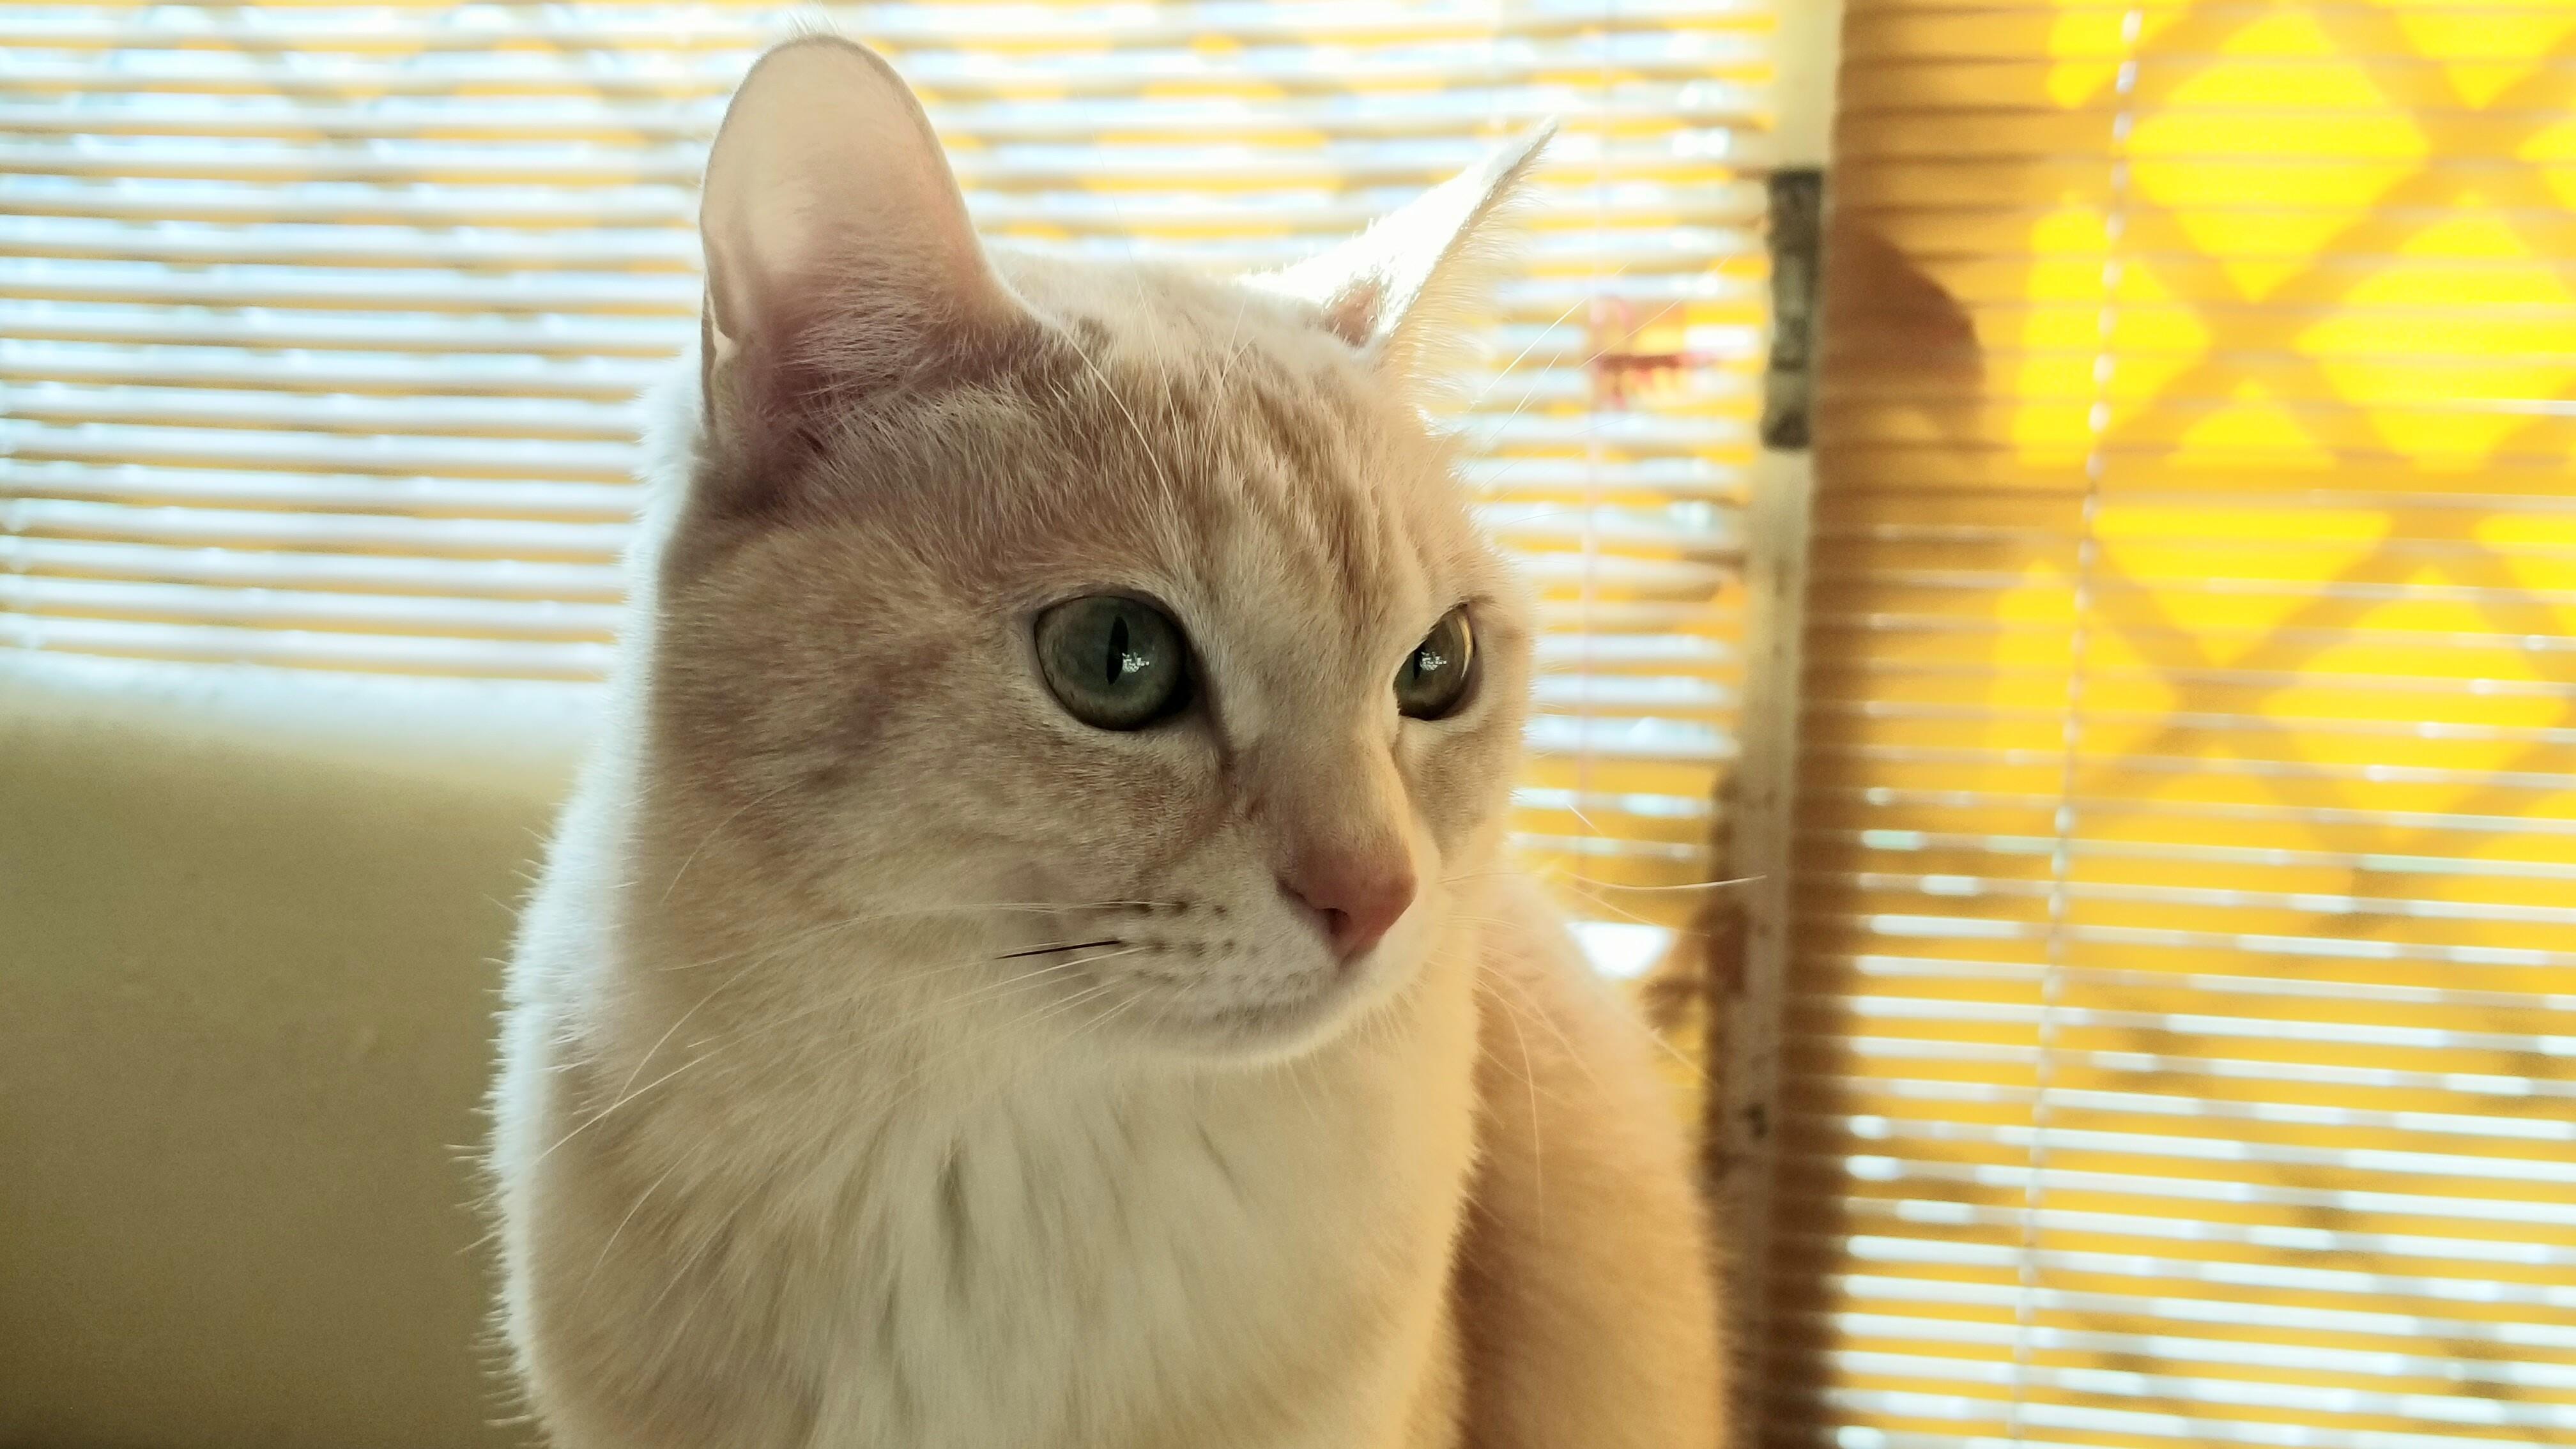 おばいとこの猫にゃんこかわいい綺麗な画像写真野良猫から家ネコへ